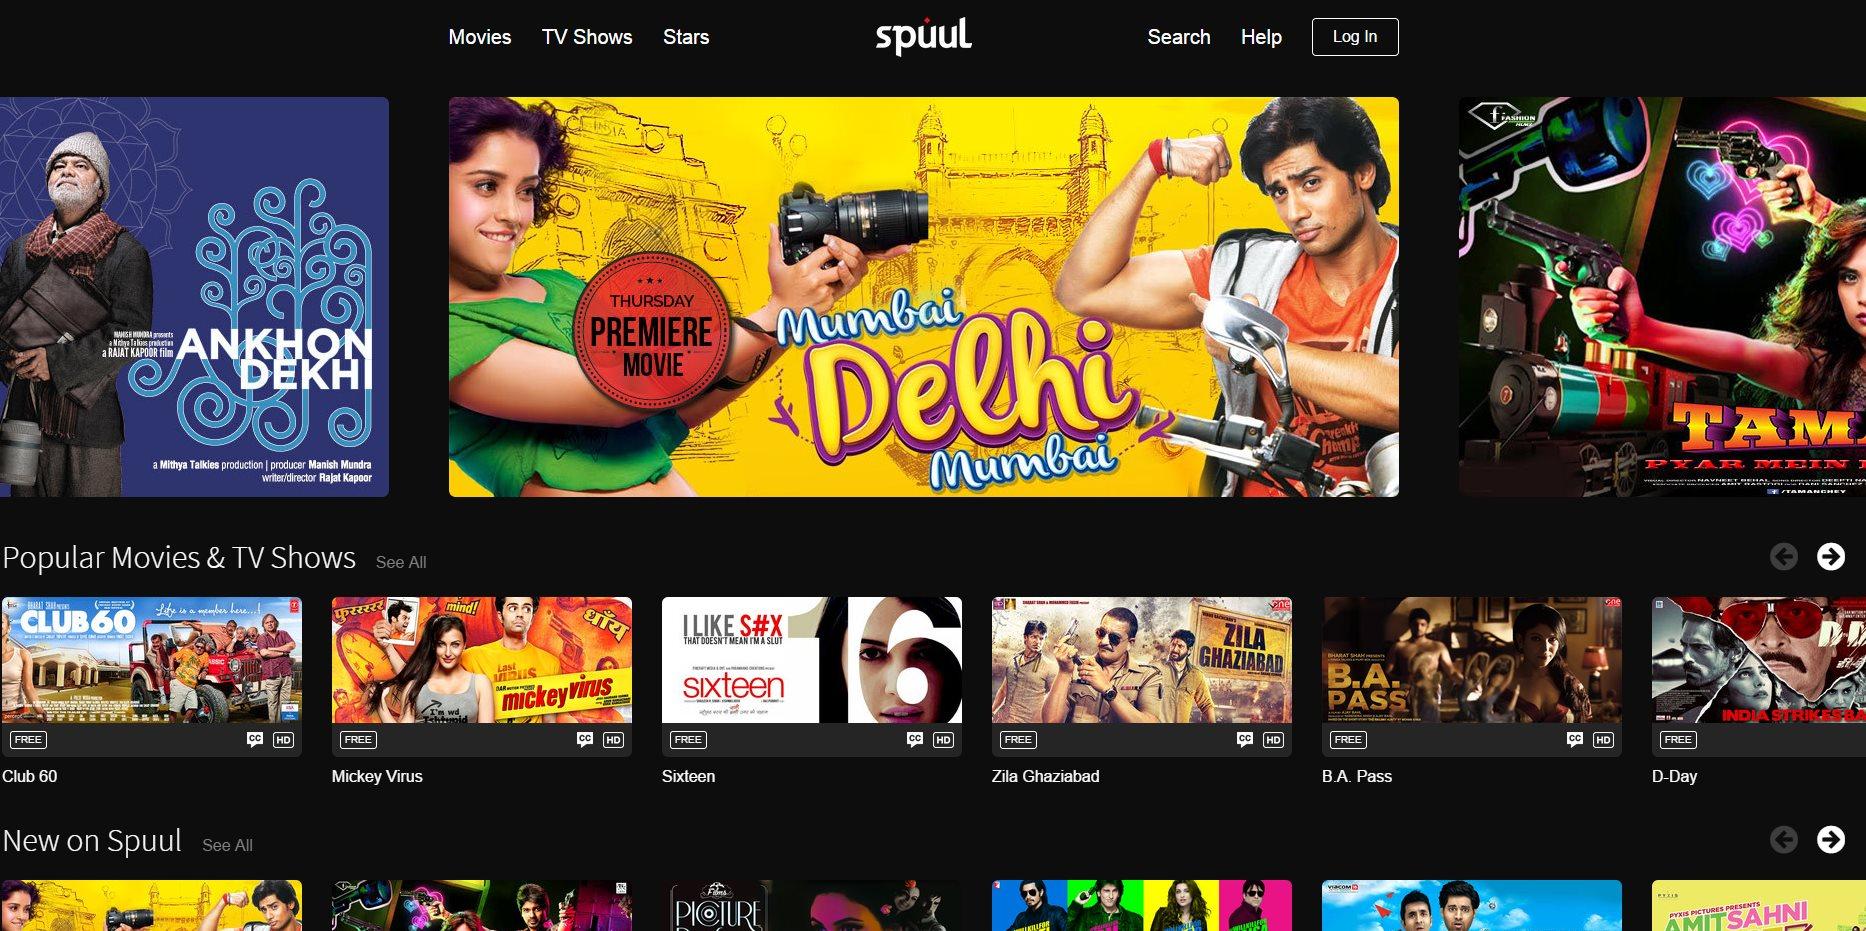 Spuul – películas online gratis, con subtítulos en inglés, de India